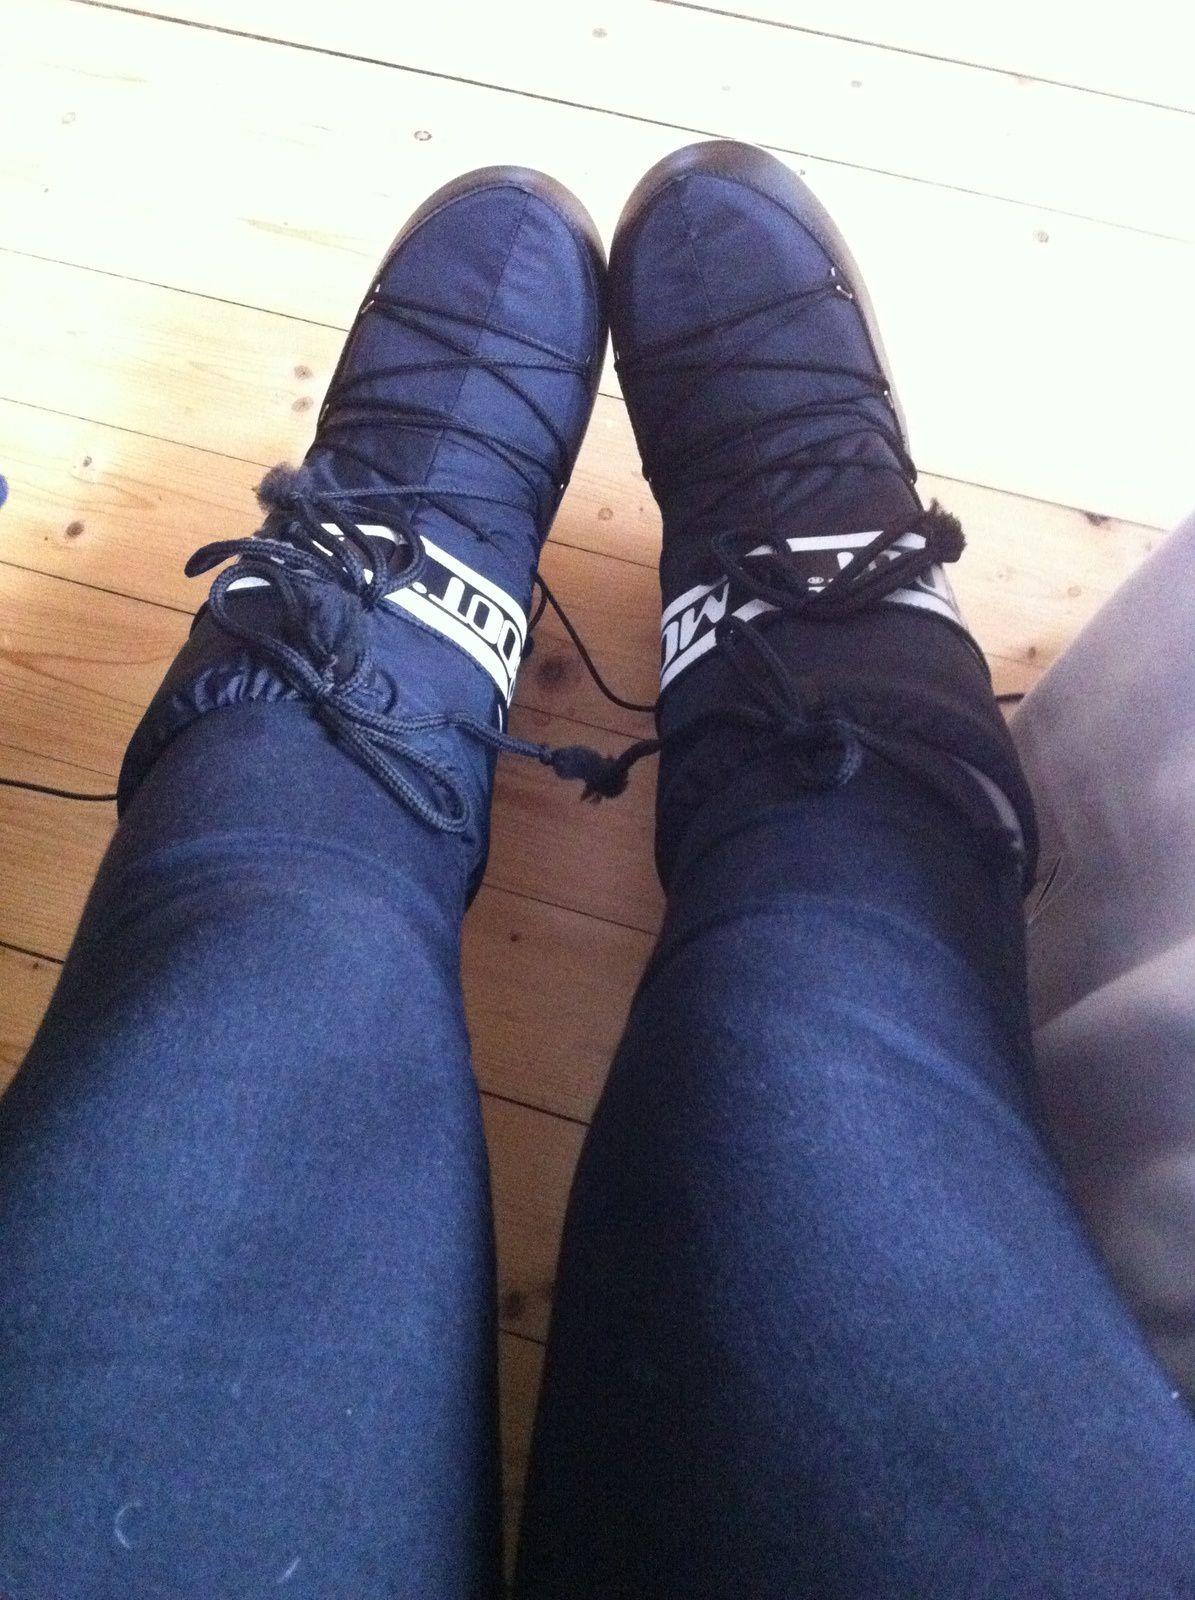 Les moon boots ou le choix du confort plutôt que de l'ésthétique